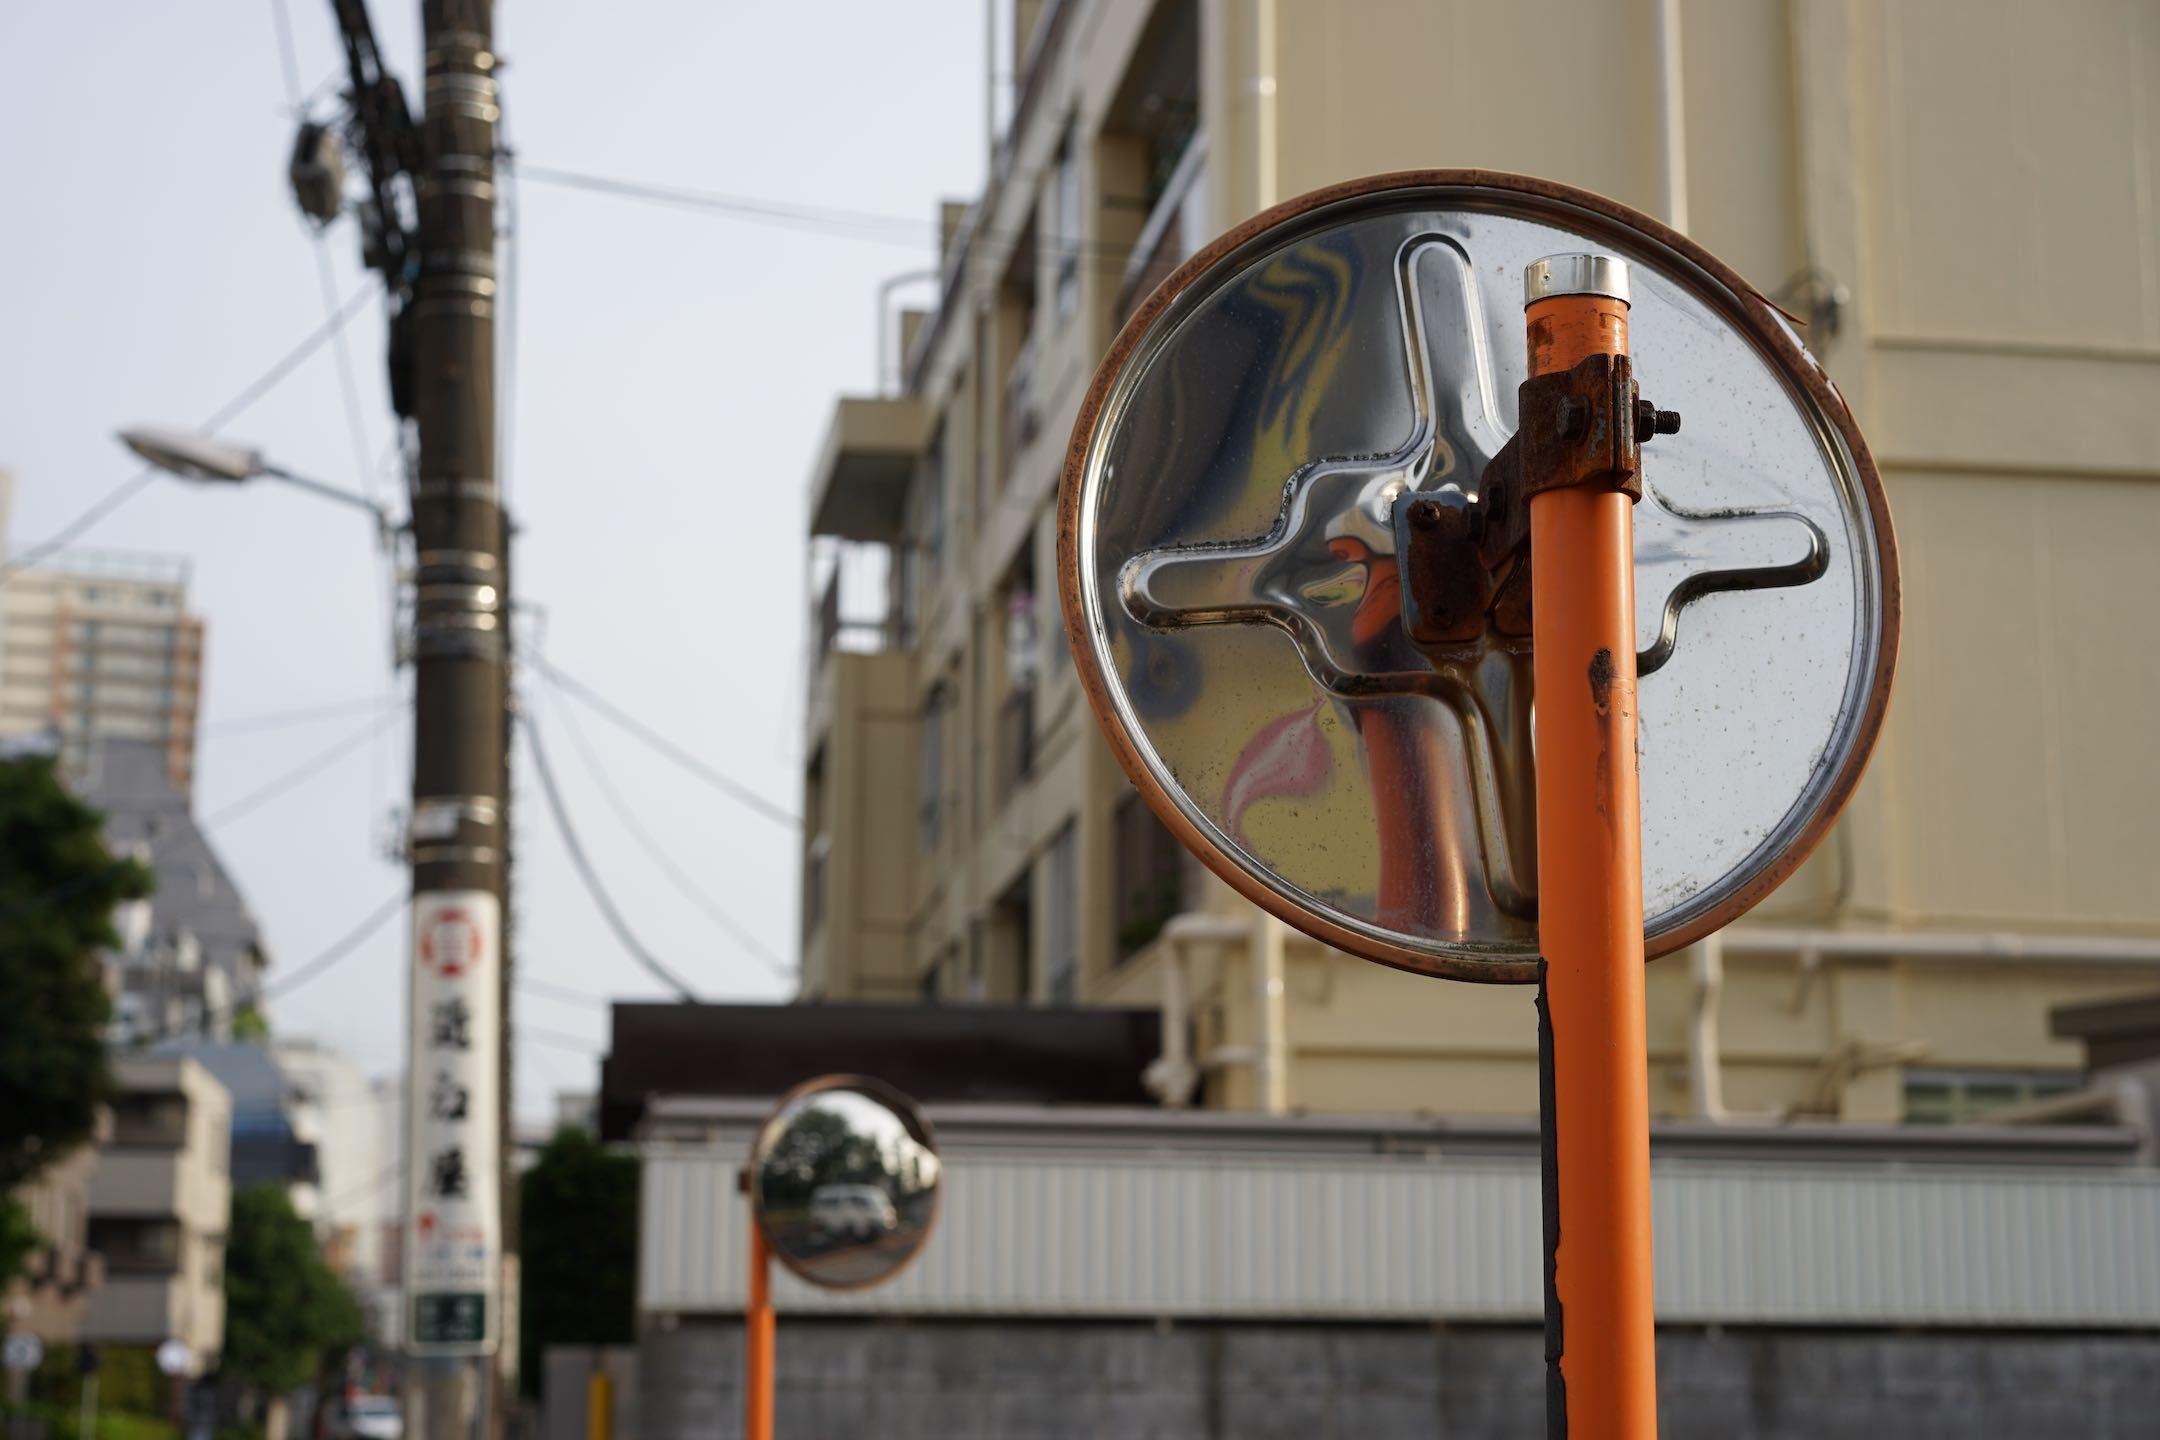 武蔵小金井駅周辺20_b0360240_12495880.jpg